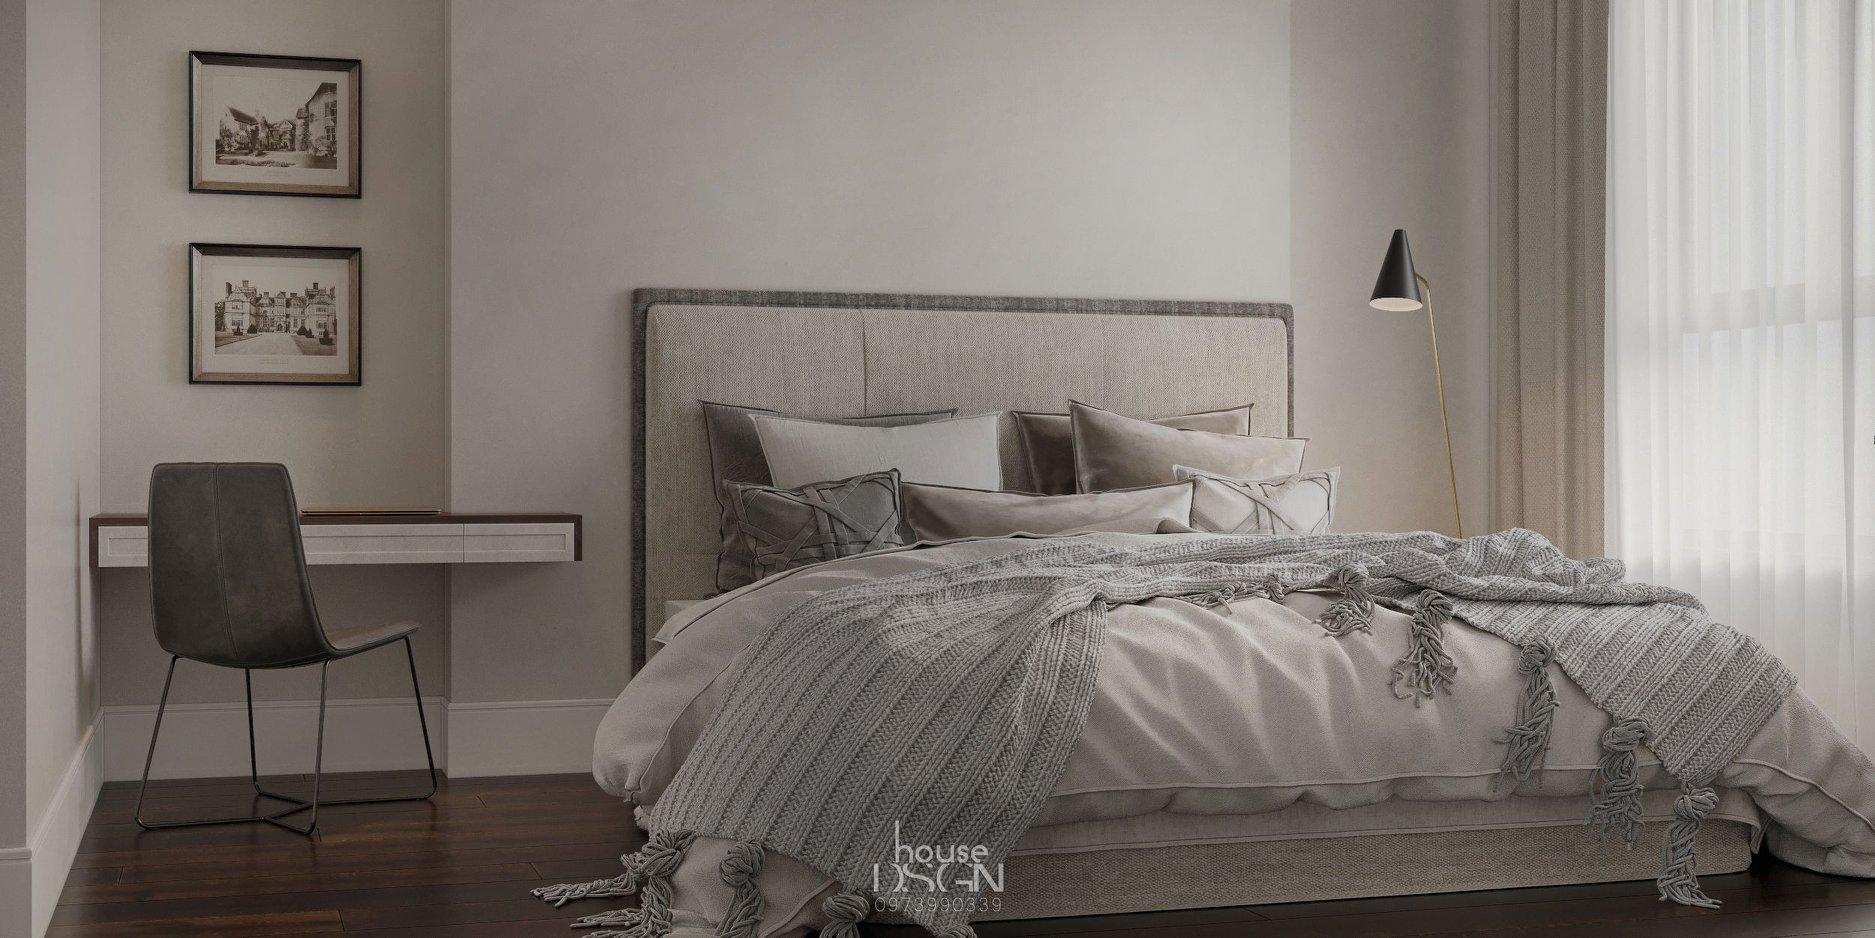 tiêu chuẩn cho khách sạn 4 sao - Housedesign